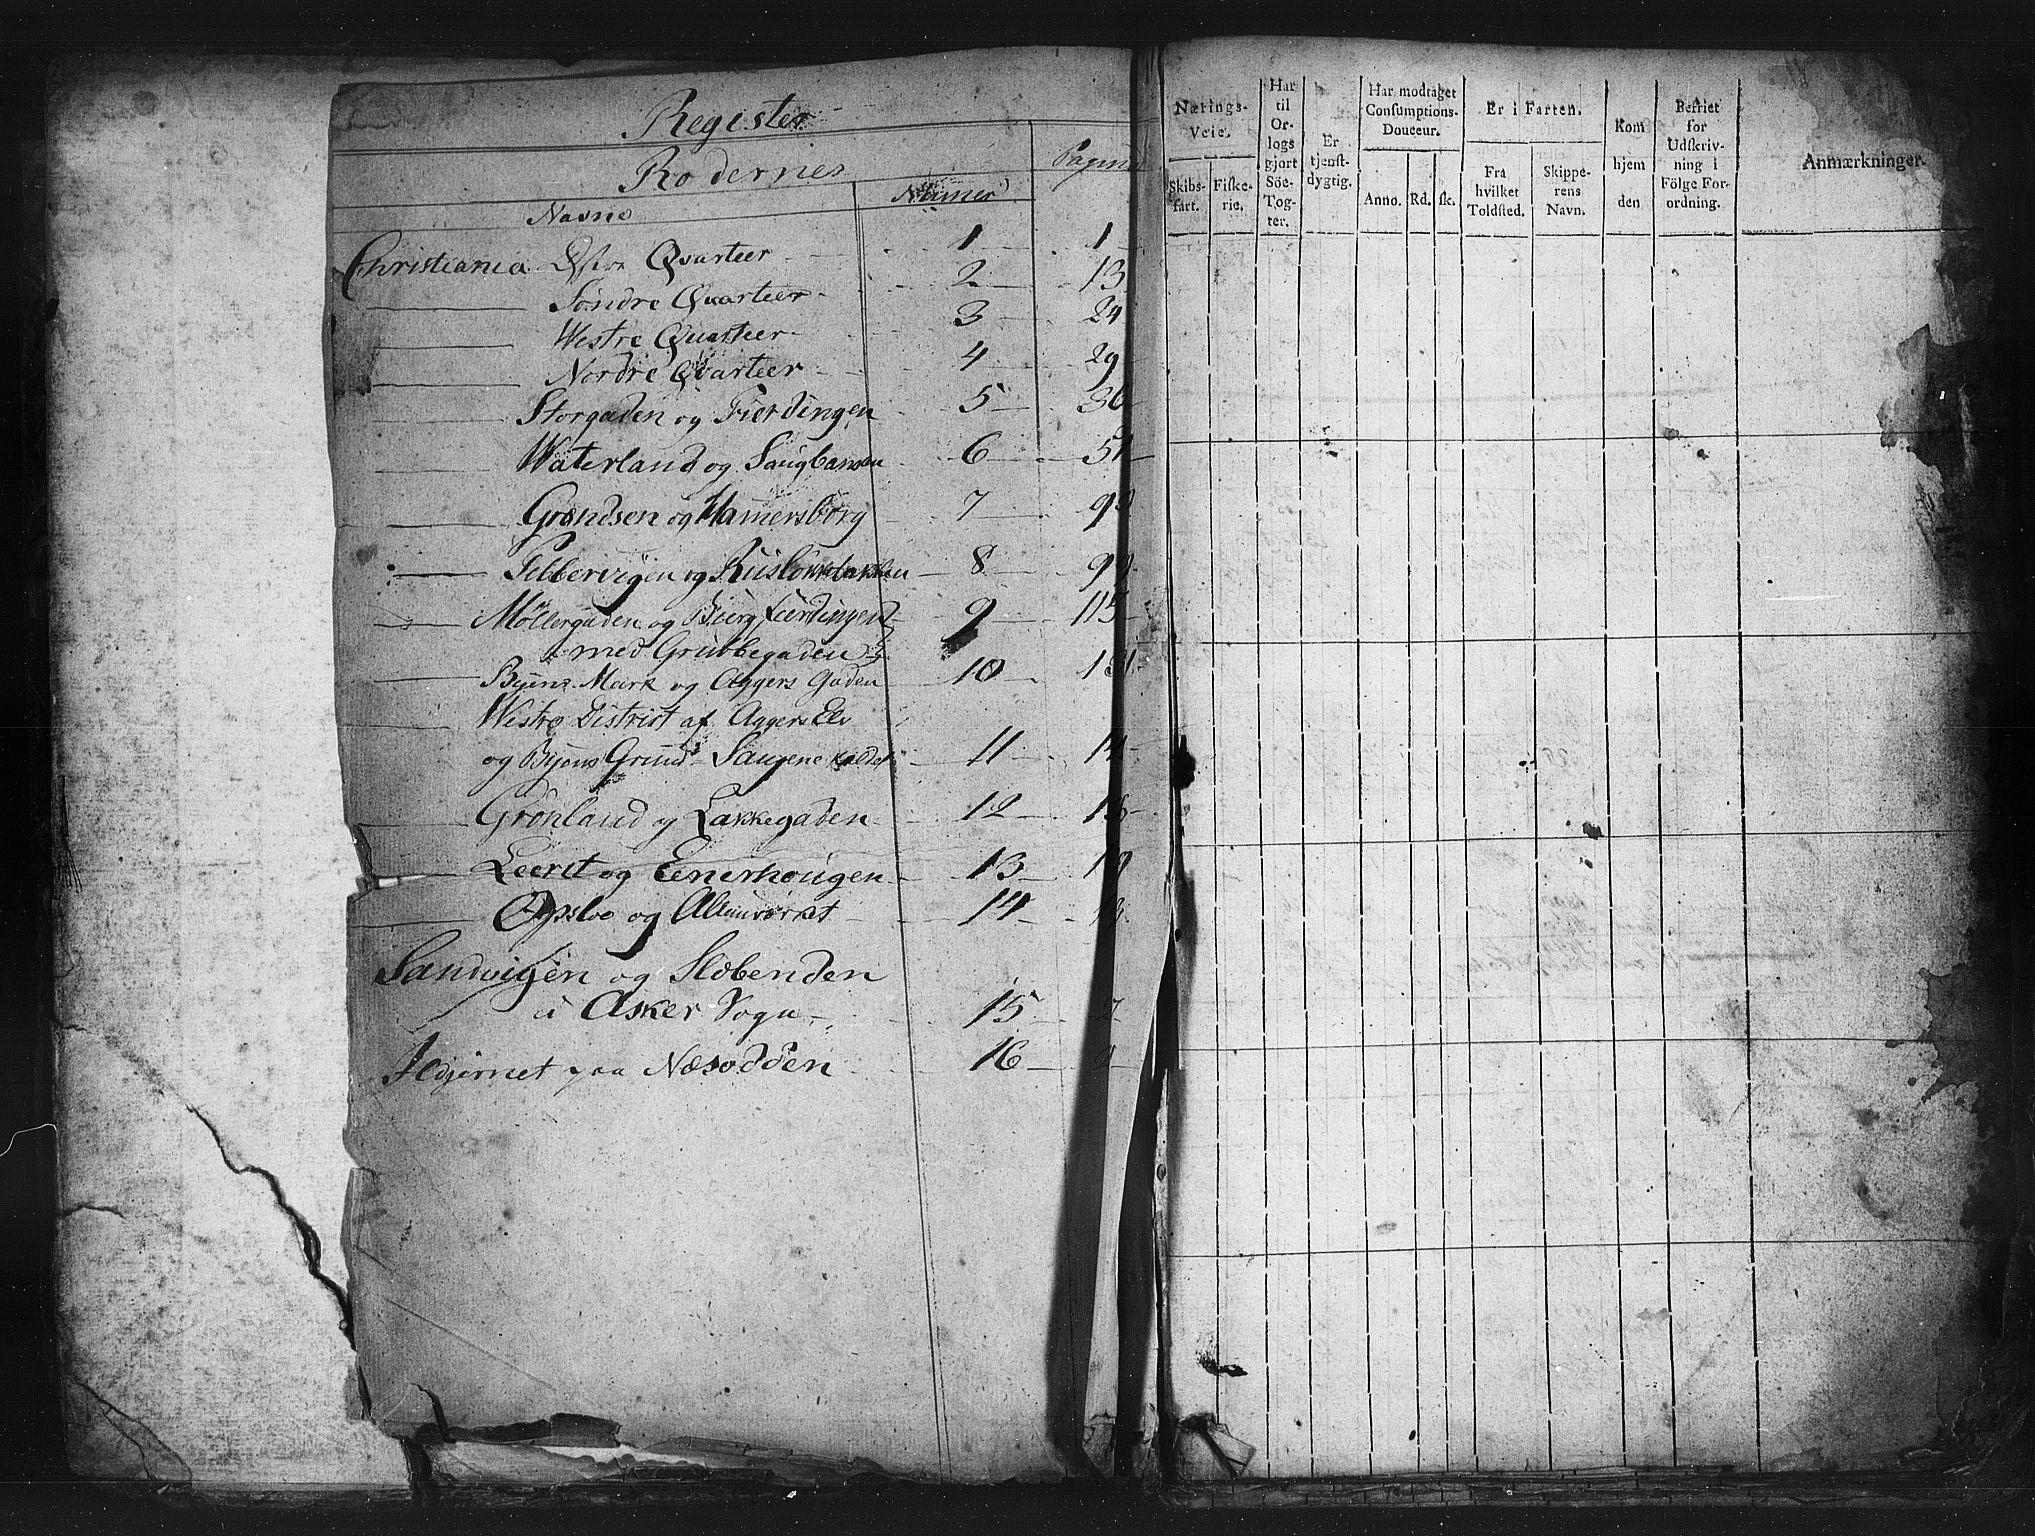 SAO, Oslo mønstringskontor, F/Fc/Fcb/L0001: Hovedrulle, 1819, s. upaginert